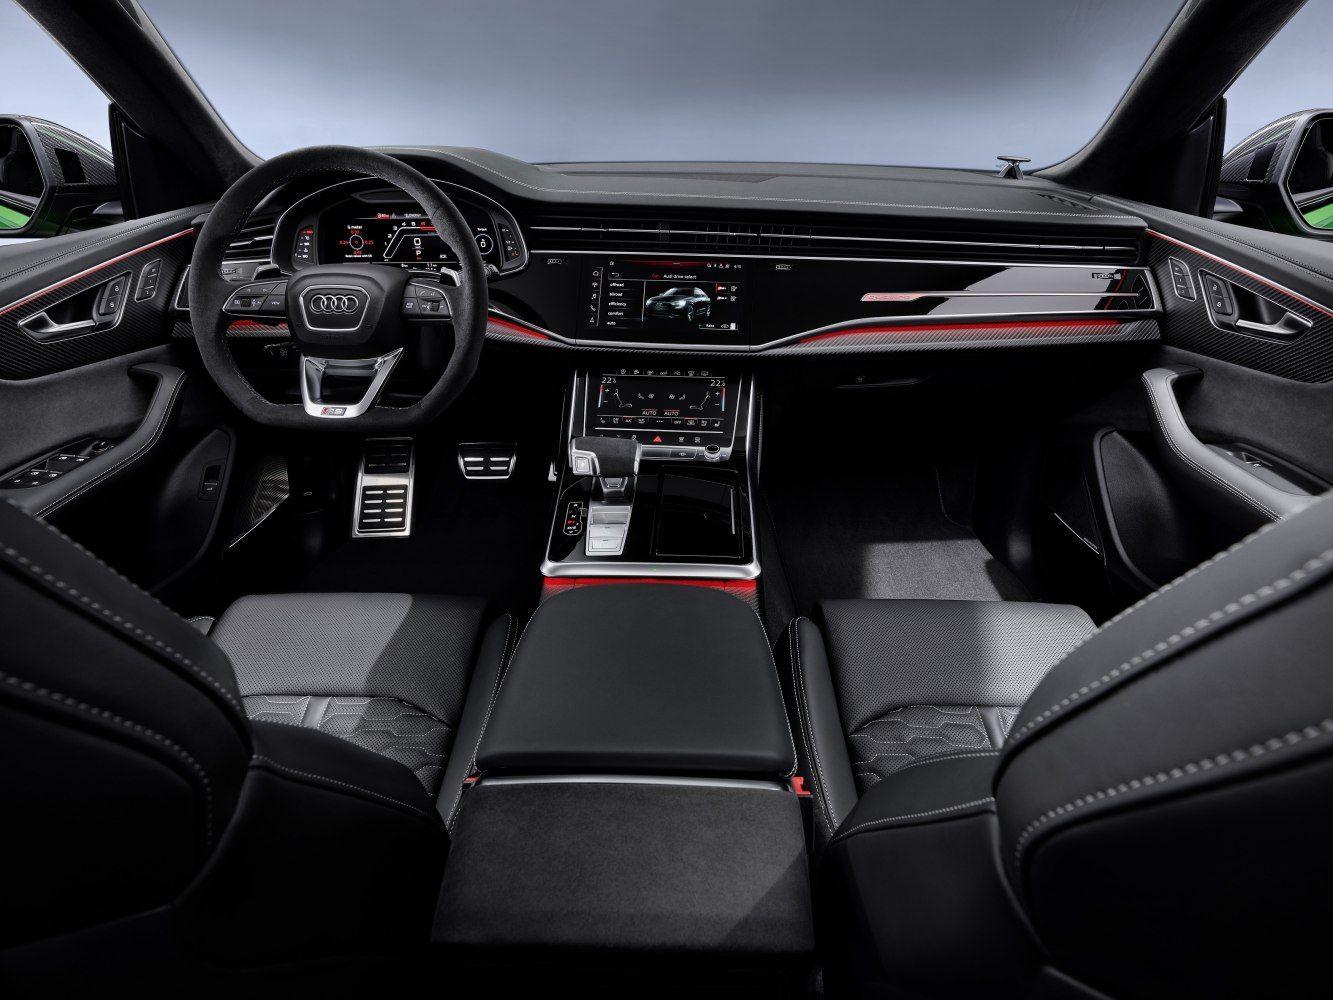 Audi Rsq8 Rs Q8 4 0 Tfsi V8 600 Hp Mhev Quattro Tiptronic Cod Petrol Gasoline 2019 Rs Q8 4 0 Tfsi V8 600 Hp Audi Rs Audi Audi Interior